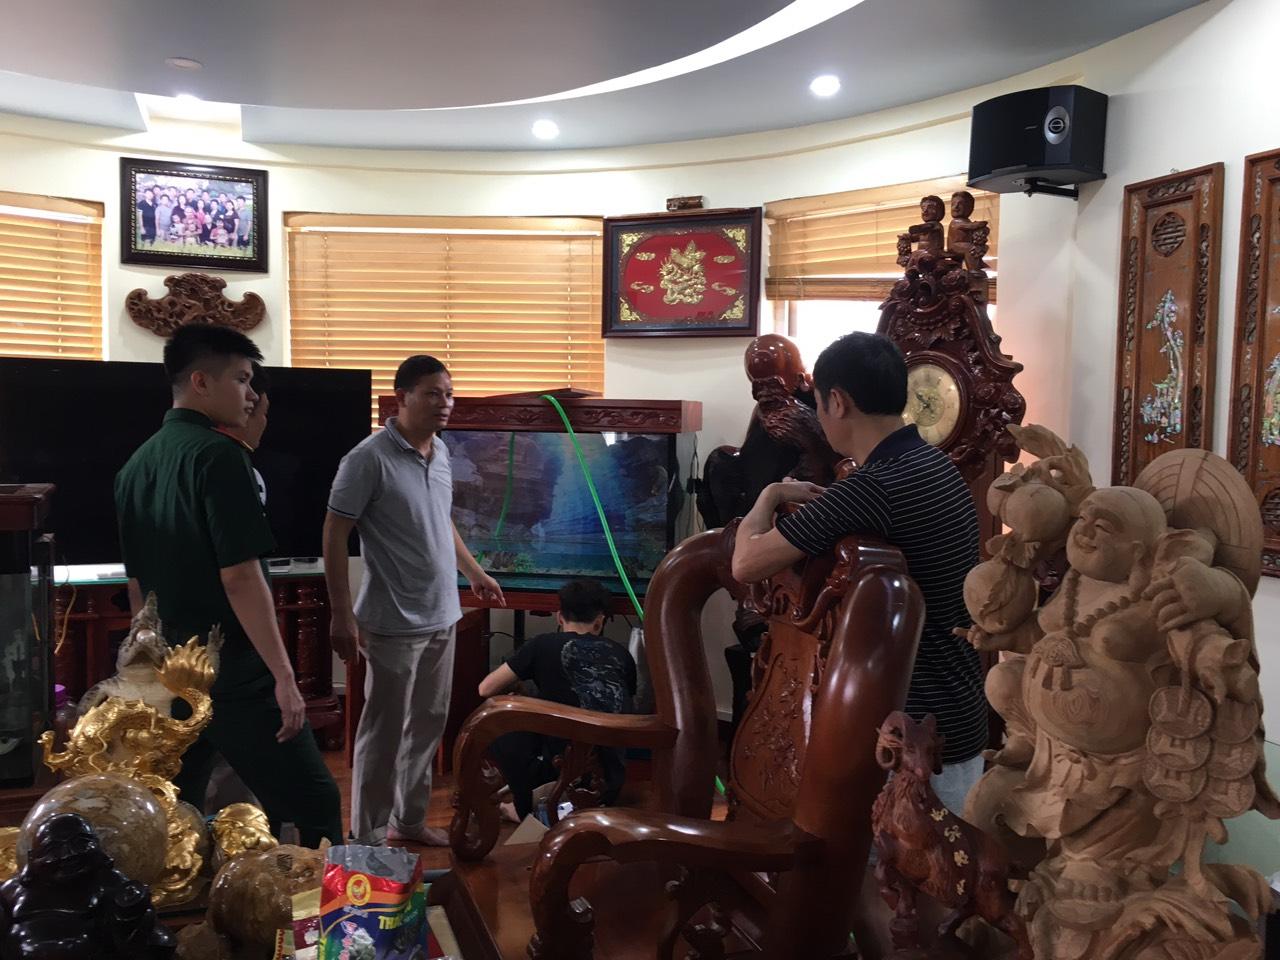 Bán bể cá rồng tại Hà Nội, lắp đặt tận nơi nhanh chóng